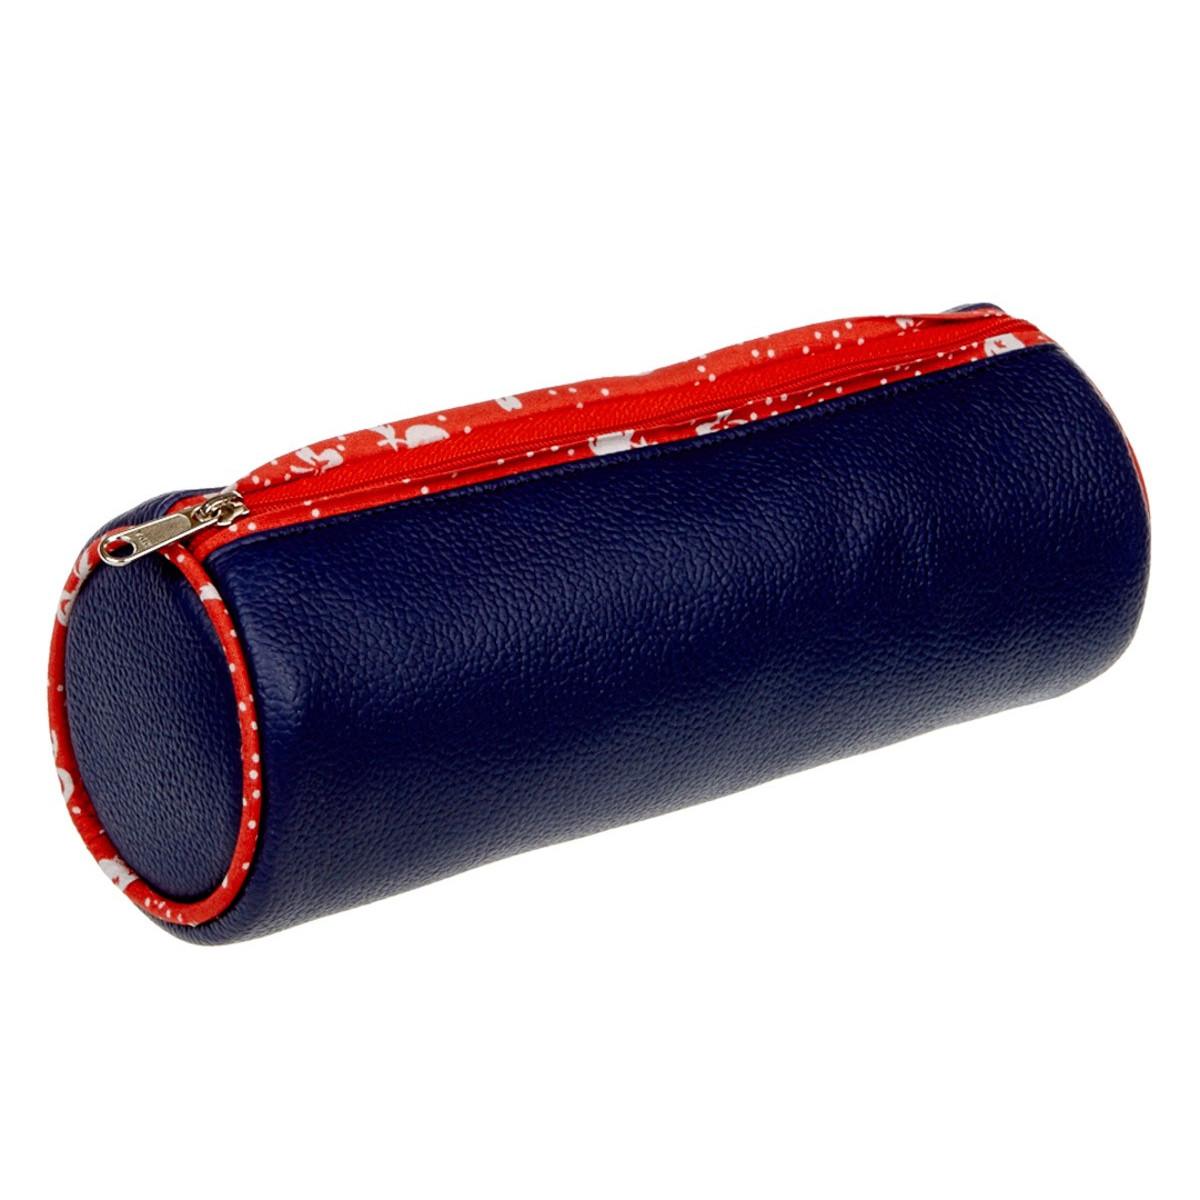 Trousse ronde bleu et rouge